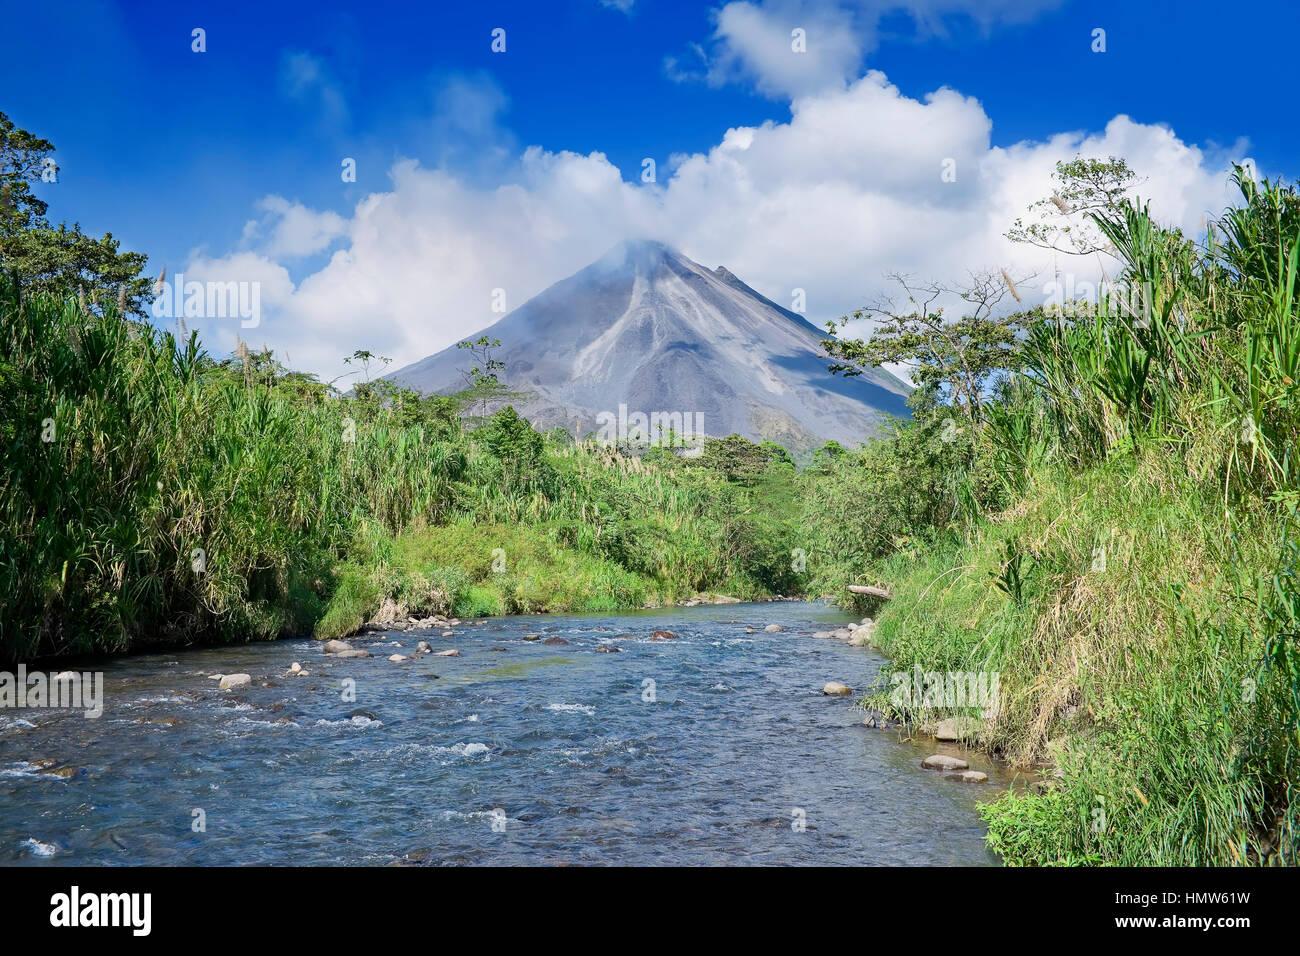 Arenal Volcano, La Fortuna, Costa Rica - Stock Image